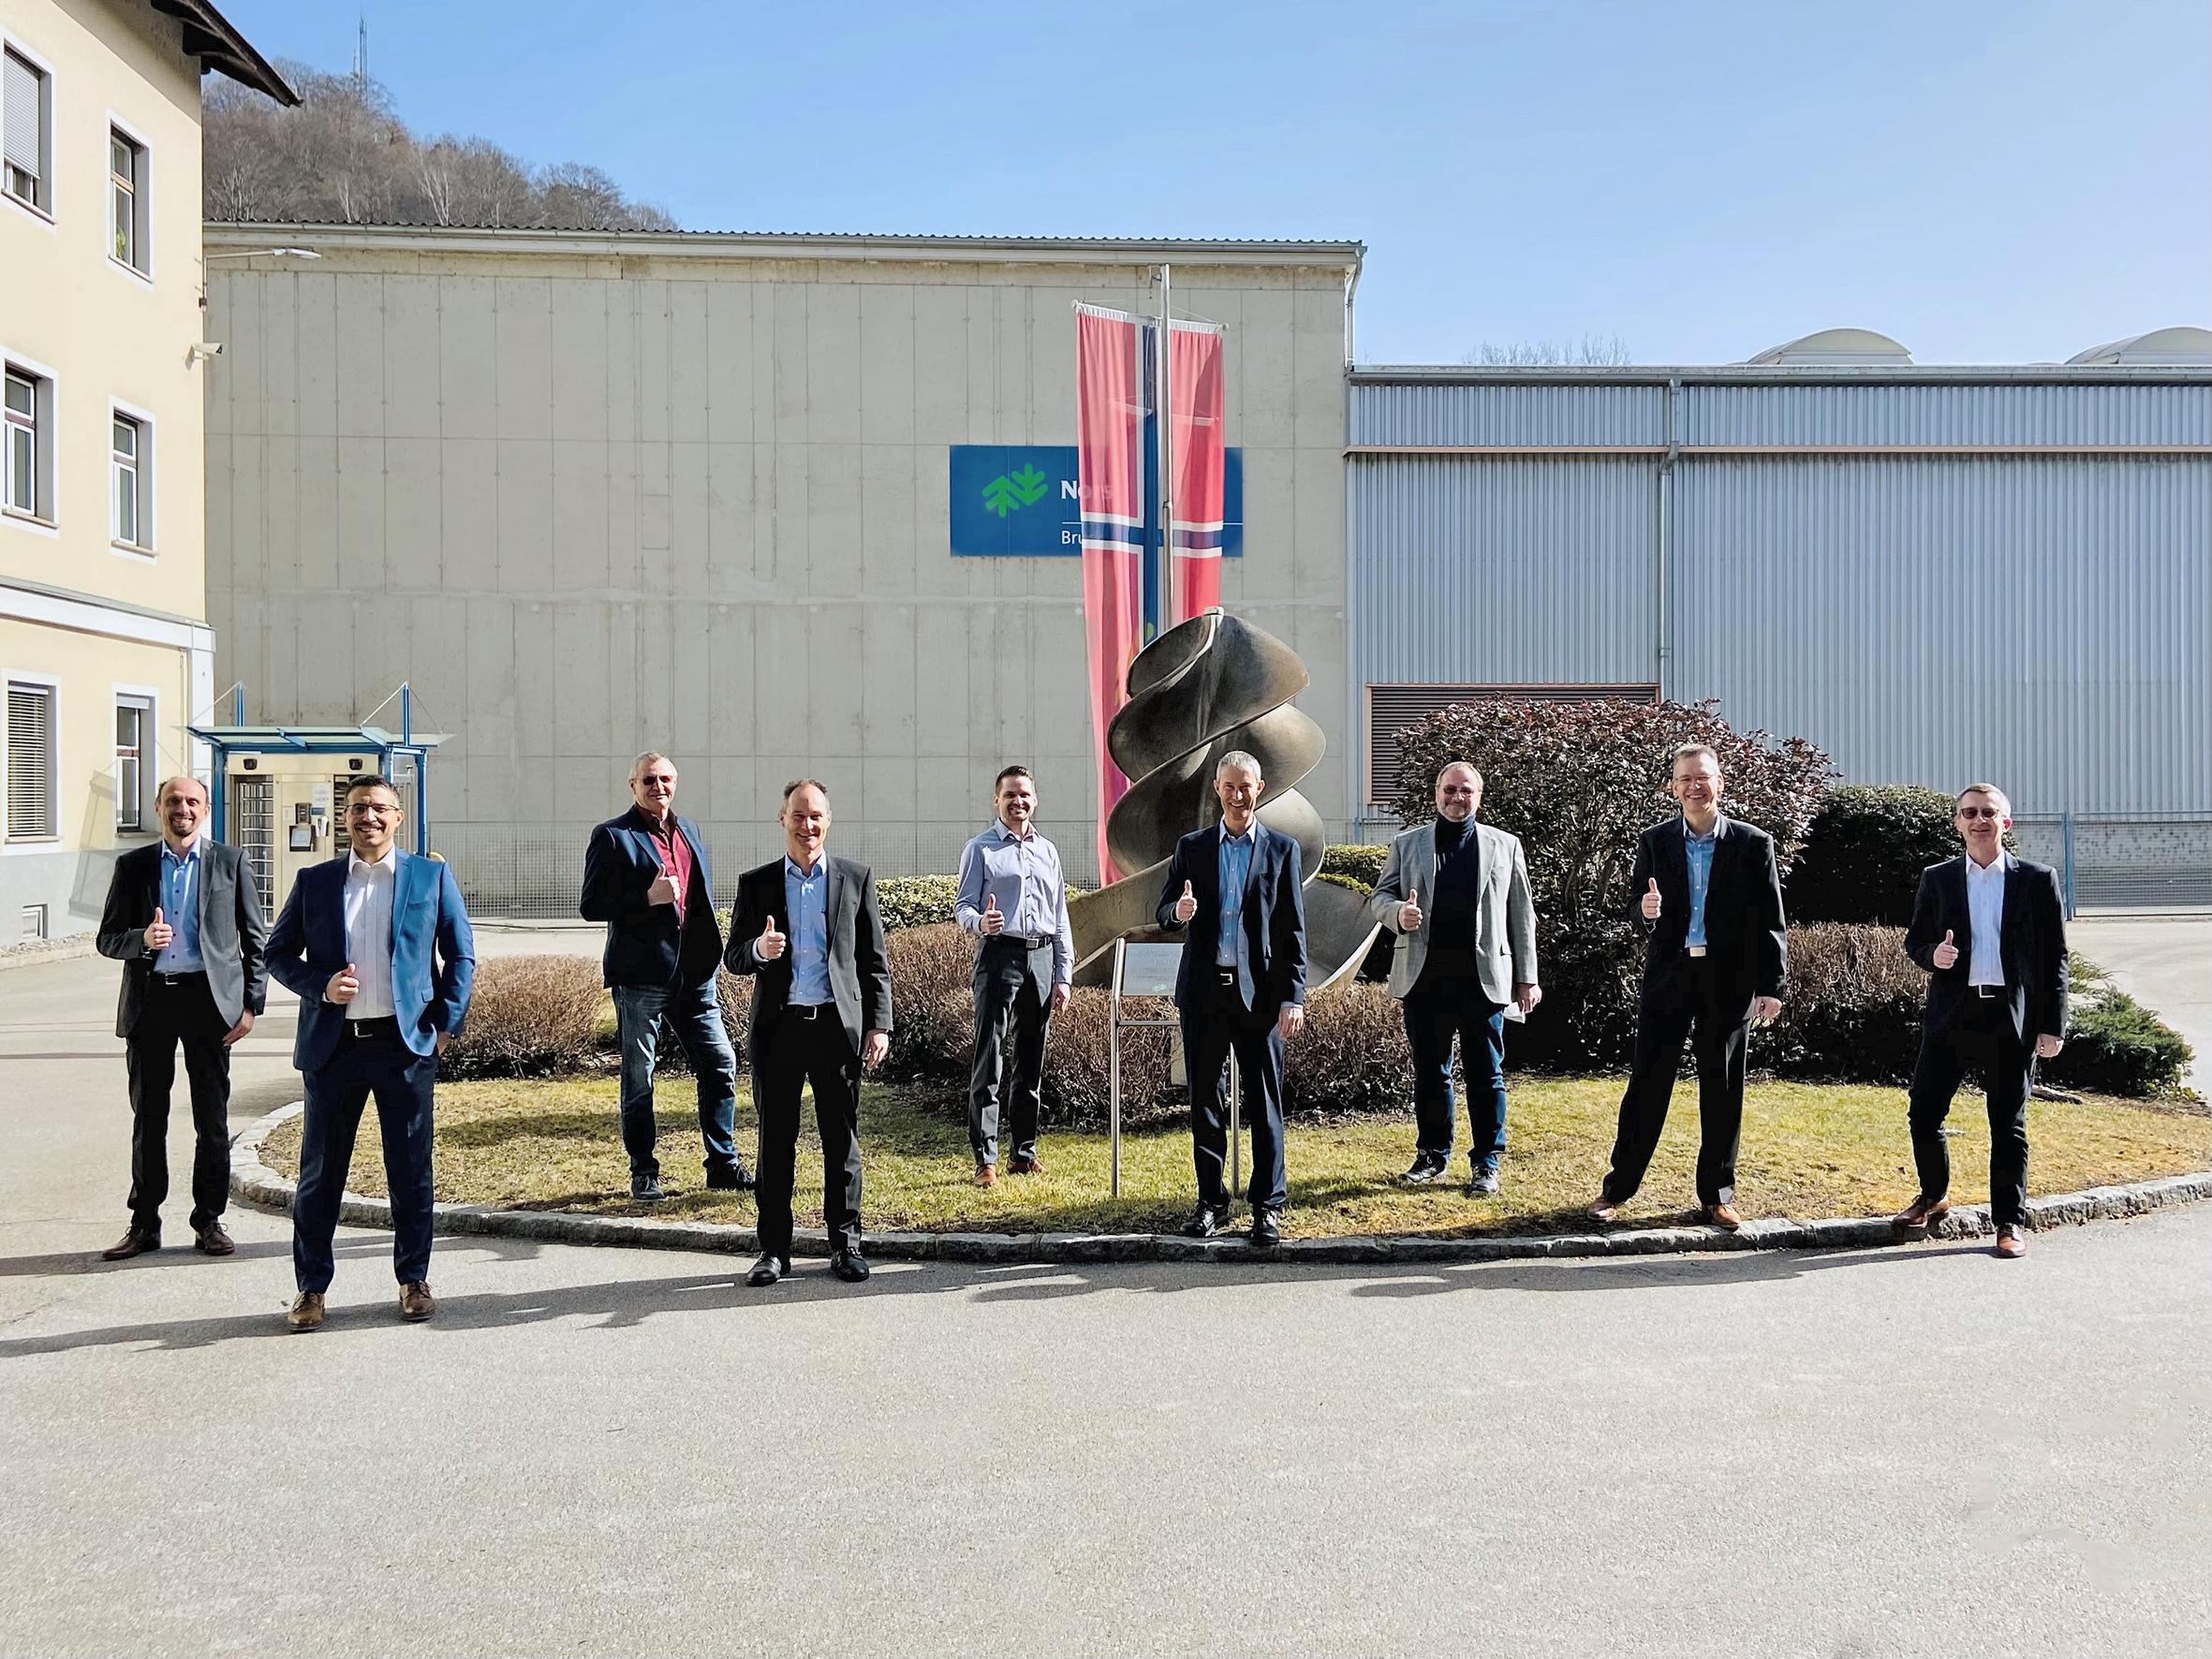 Bellmer and Norske Skog Team